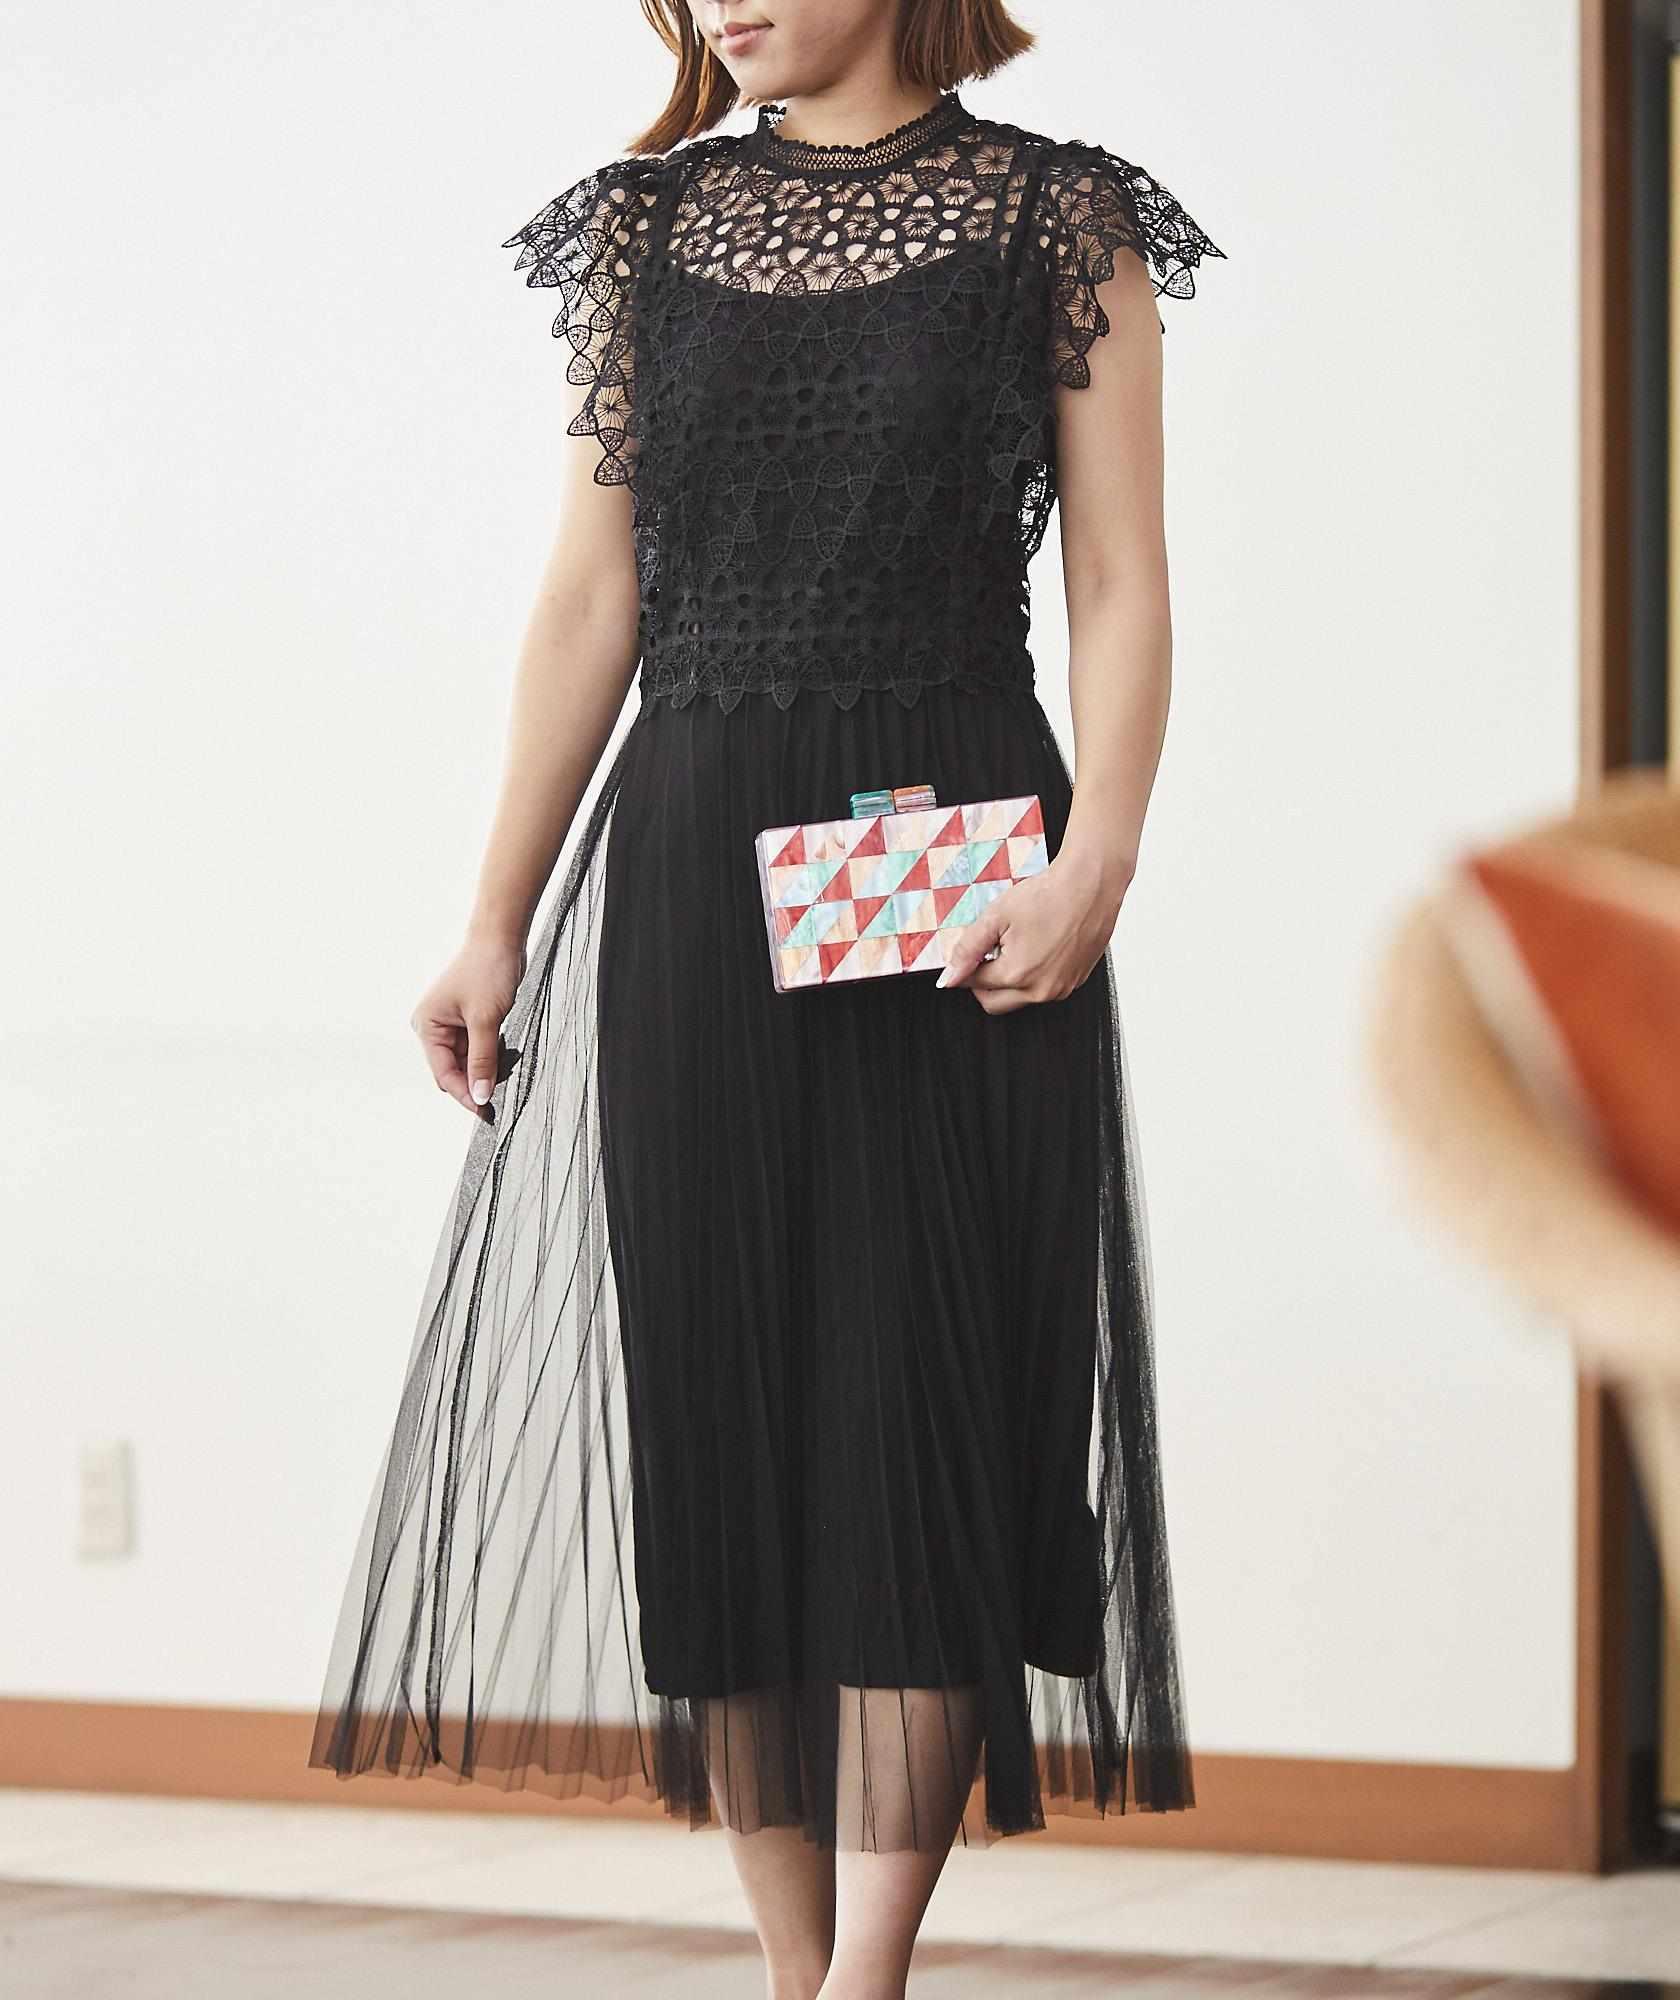 レーストップチュールミディアムドレス-ブラック-S